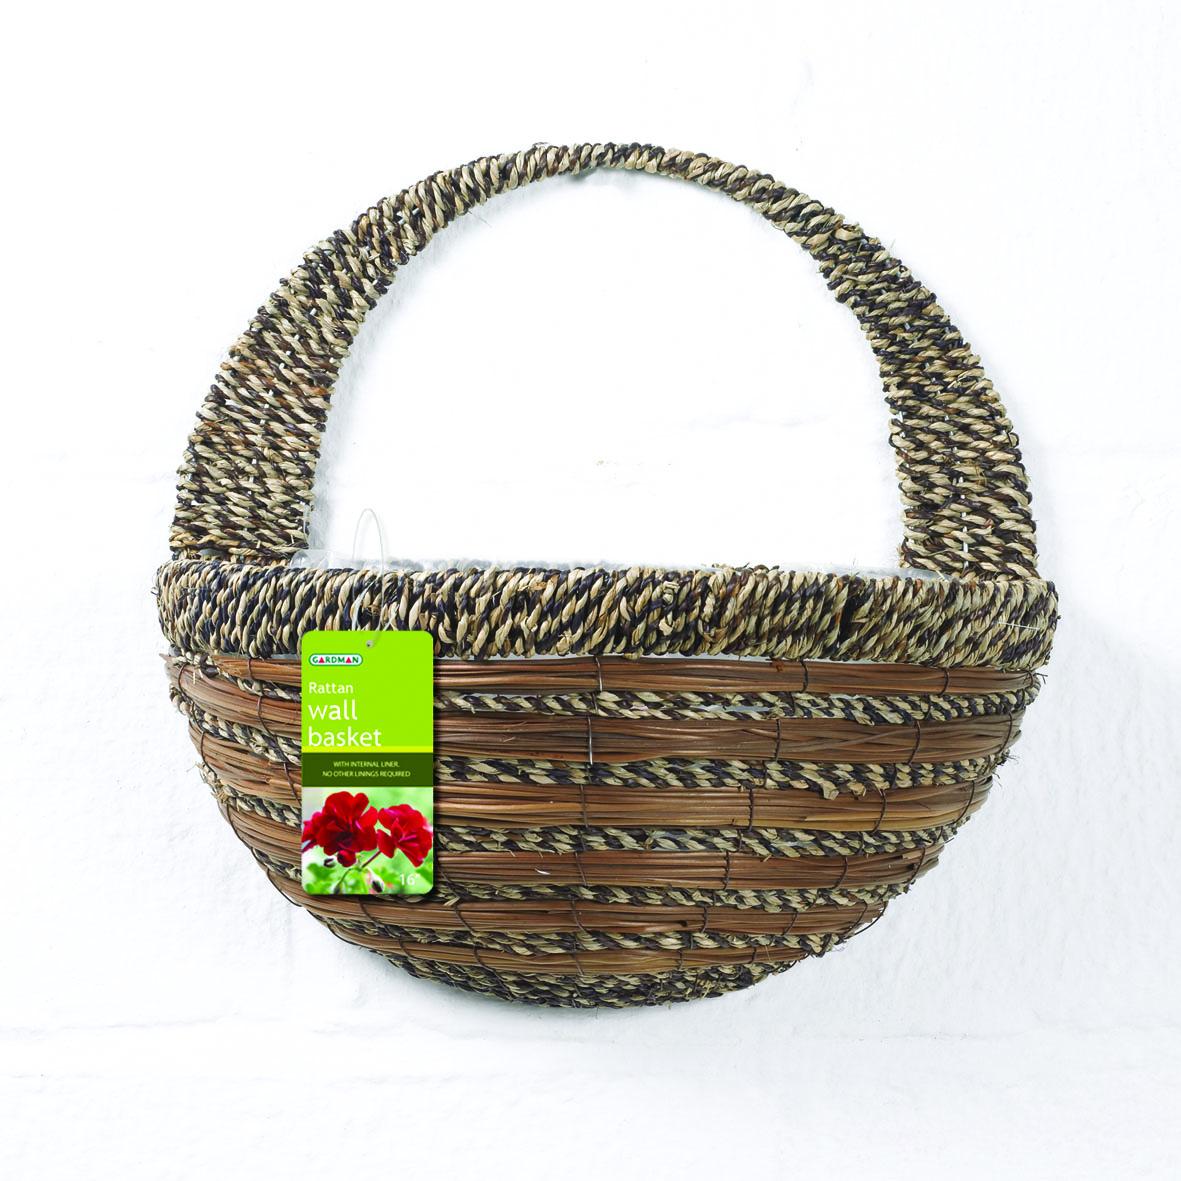 Кашпо настенное Gardman, 40 см х 20 см х 19 см. 0278002780Настенное кашпо Gardman выполнено в виде плетеной корзинки из сизалевого волокна. Каркас изготовлен из металла. Корзина уже оснащена специальной пленкой и полностью готова для посадки растений. Прекрасно подходит для цветов. Кашпо часто становятся последним штрихом, который совершенно изменяет интерьер помещения или ландшафтный дизайн сада. Благодаря такому кашпо вы сможете украсить вашу комнату, офис или сад. Характеристики: Материал: металл, сизаль. Размер углубления для посадки (ДхШхВ): 40 см х 20 см х 19 см. Общий размер кашпо (ДхШхВ): 40 см х 22 см х 40 см. Товары для садоводства от Gardman - это вещи, сделанные с любовью, с истинно английской практичностью, основанной на глубоких традициях садоводства Великобритании. Эти товары широко известны садоводам Европы, США, Канады и Японии. Демократичные цены и продуманный ассортимент Gardman завоевал признательность и российского покупателя, достойного хороших, качественных вещей. В...